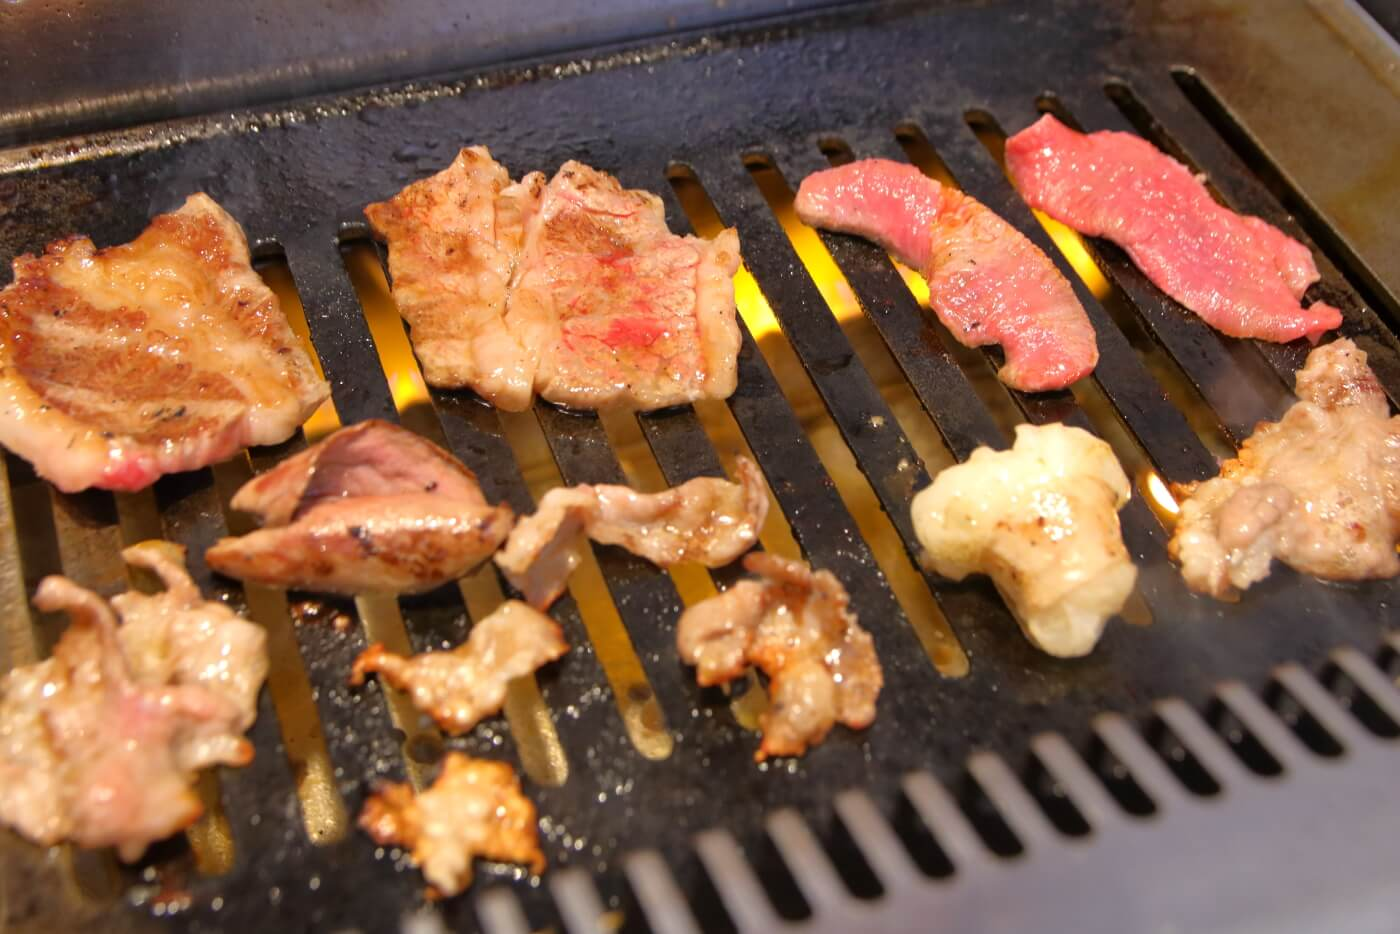 焼肉あおき屋 土佐道路店のランチ 焼肉